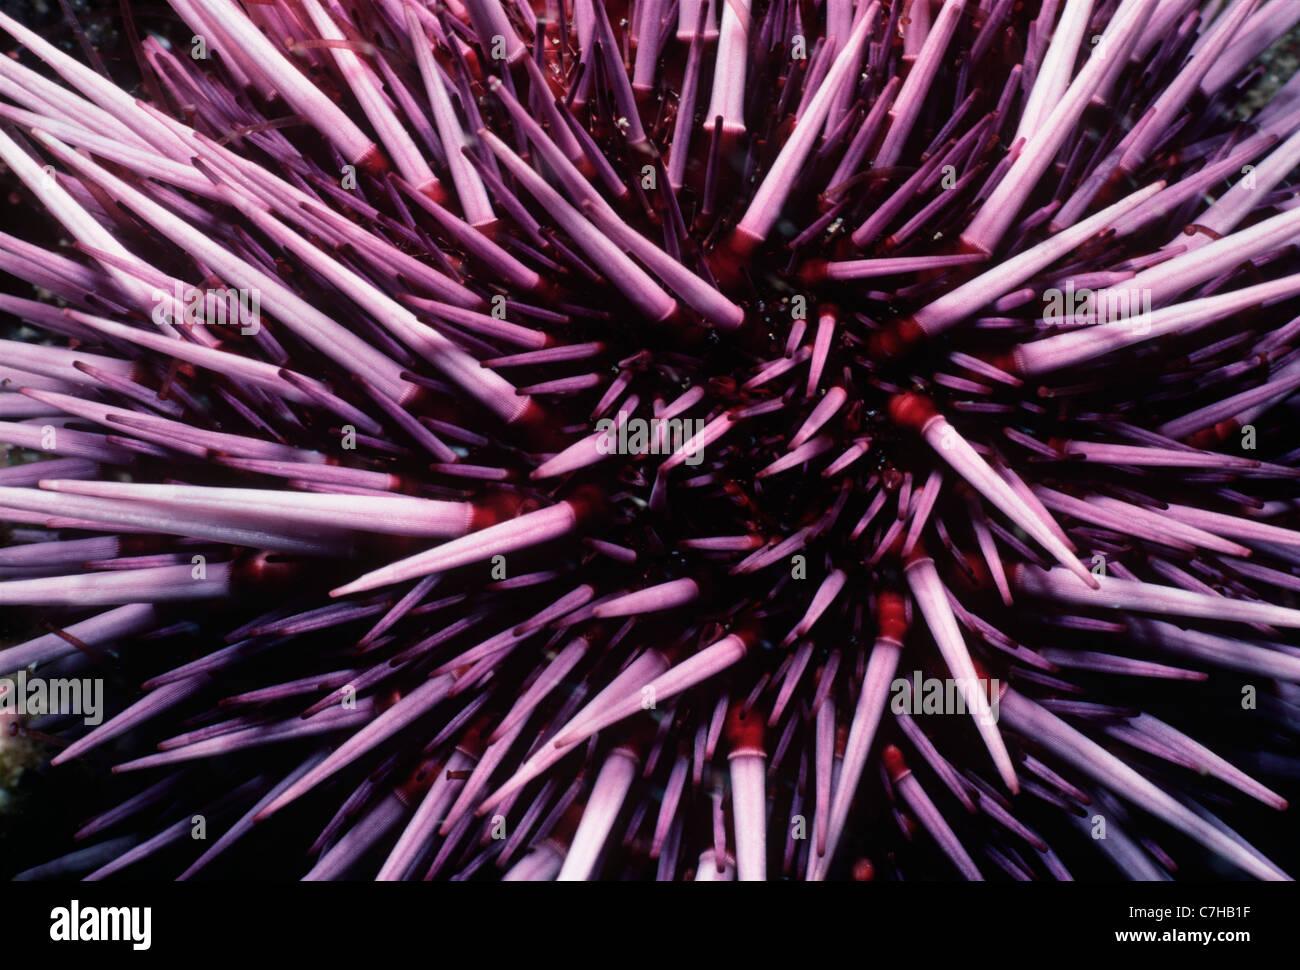 Púrpura de ouriços do mar (Strongylocentratus purpuratus) alimentação de algas. Ilhas do Canal Imagens de Stock